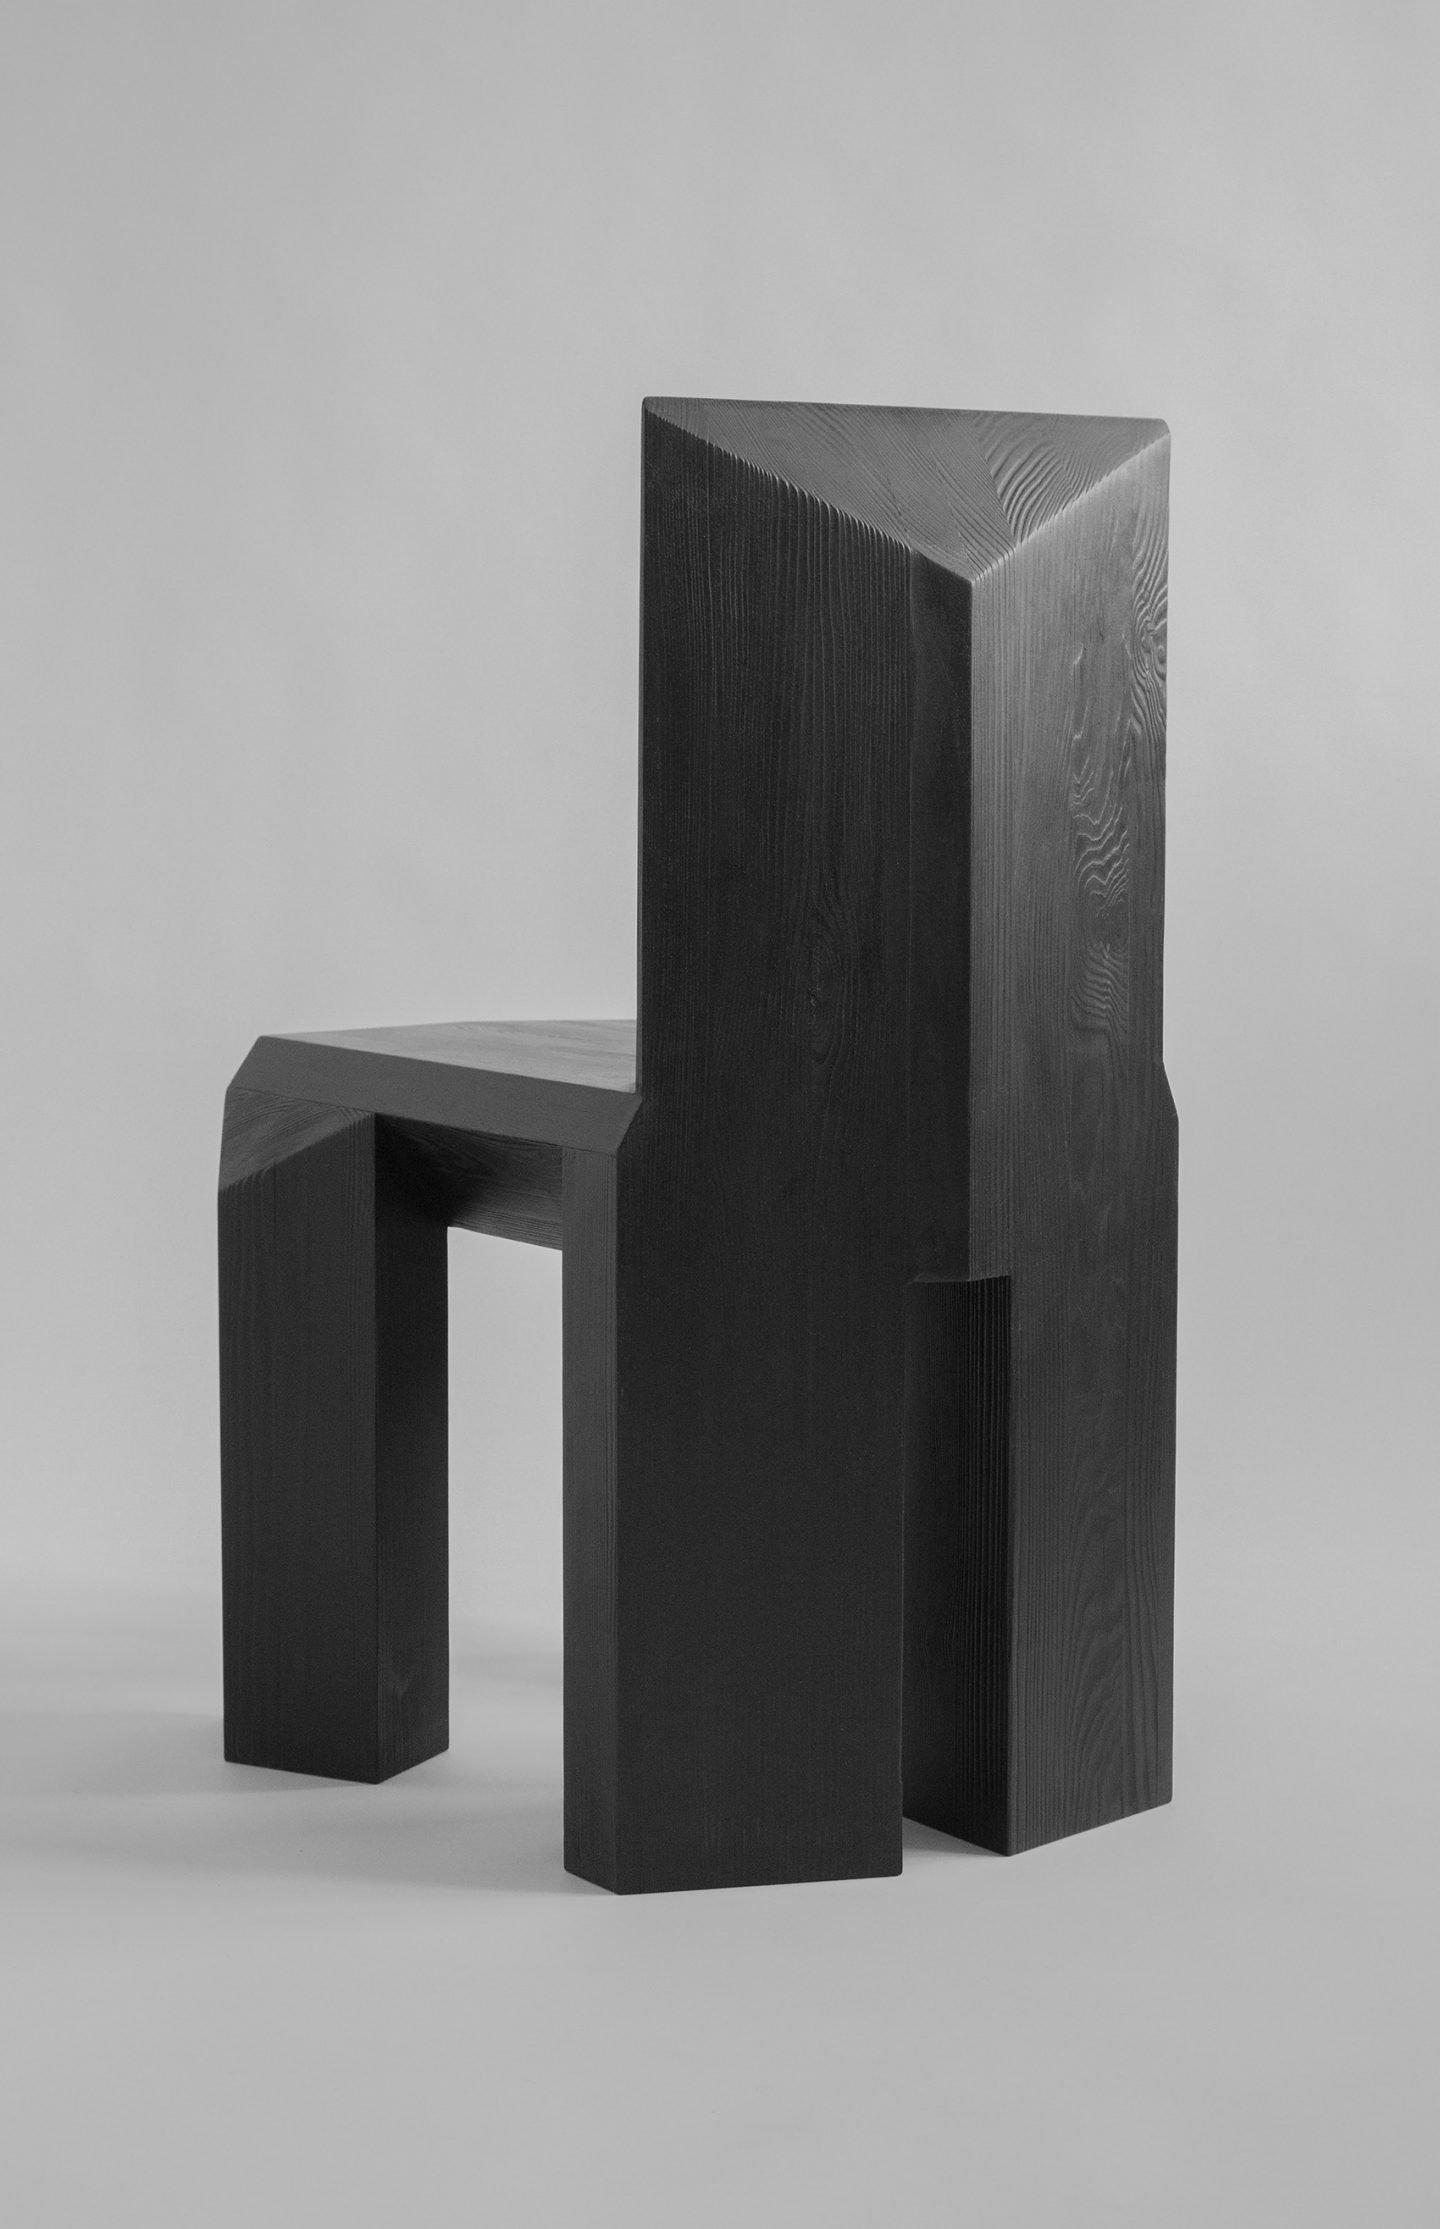 IGNANT-Design-Alexis-8